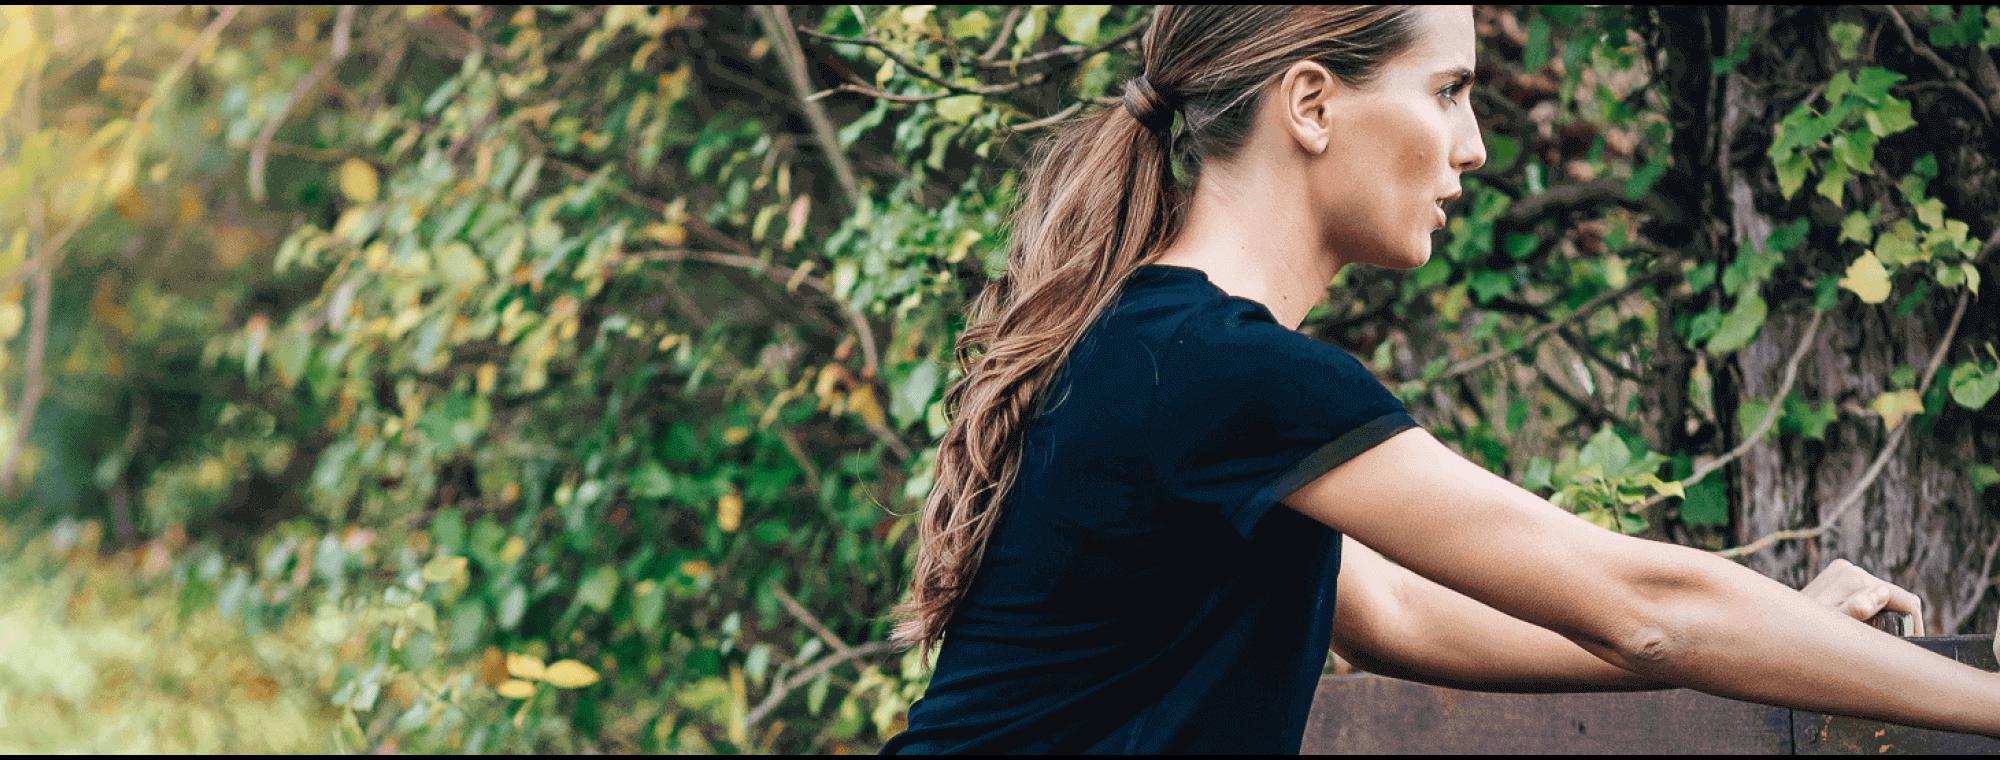 Vêtements de sport pour femmes| M. Señoretta| Usure active